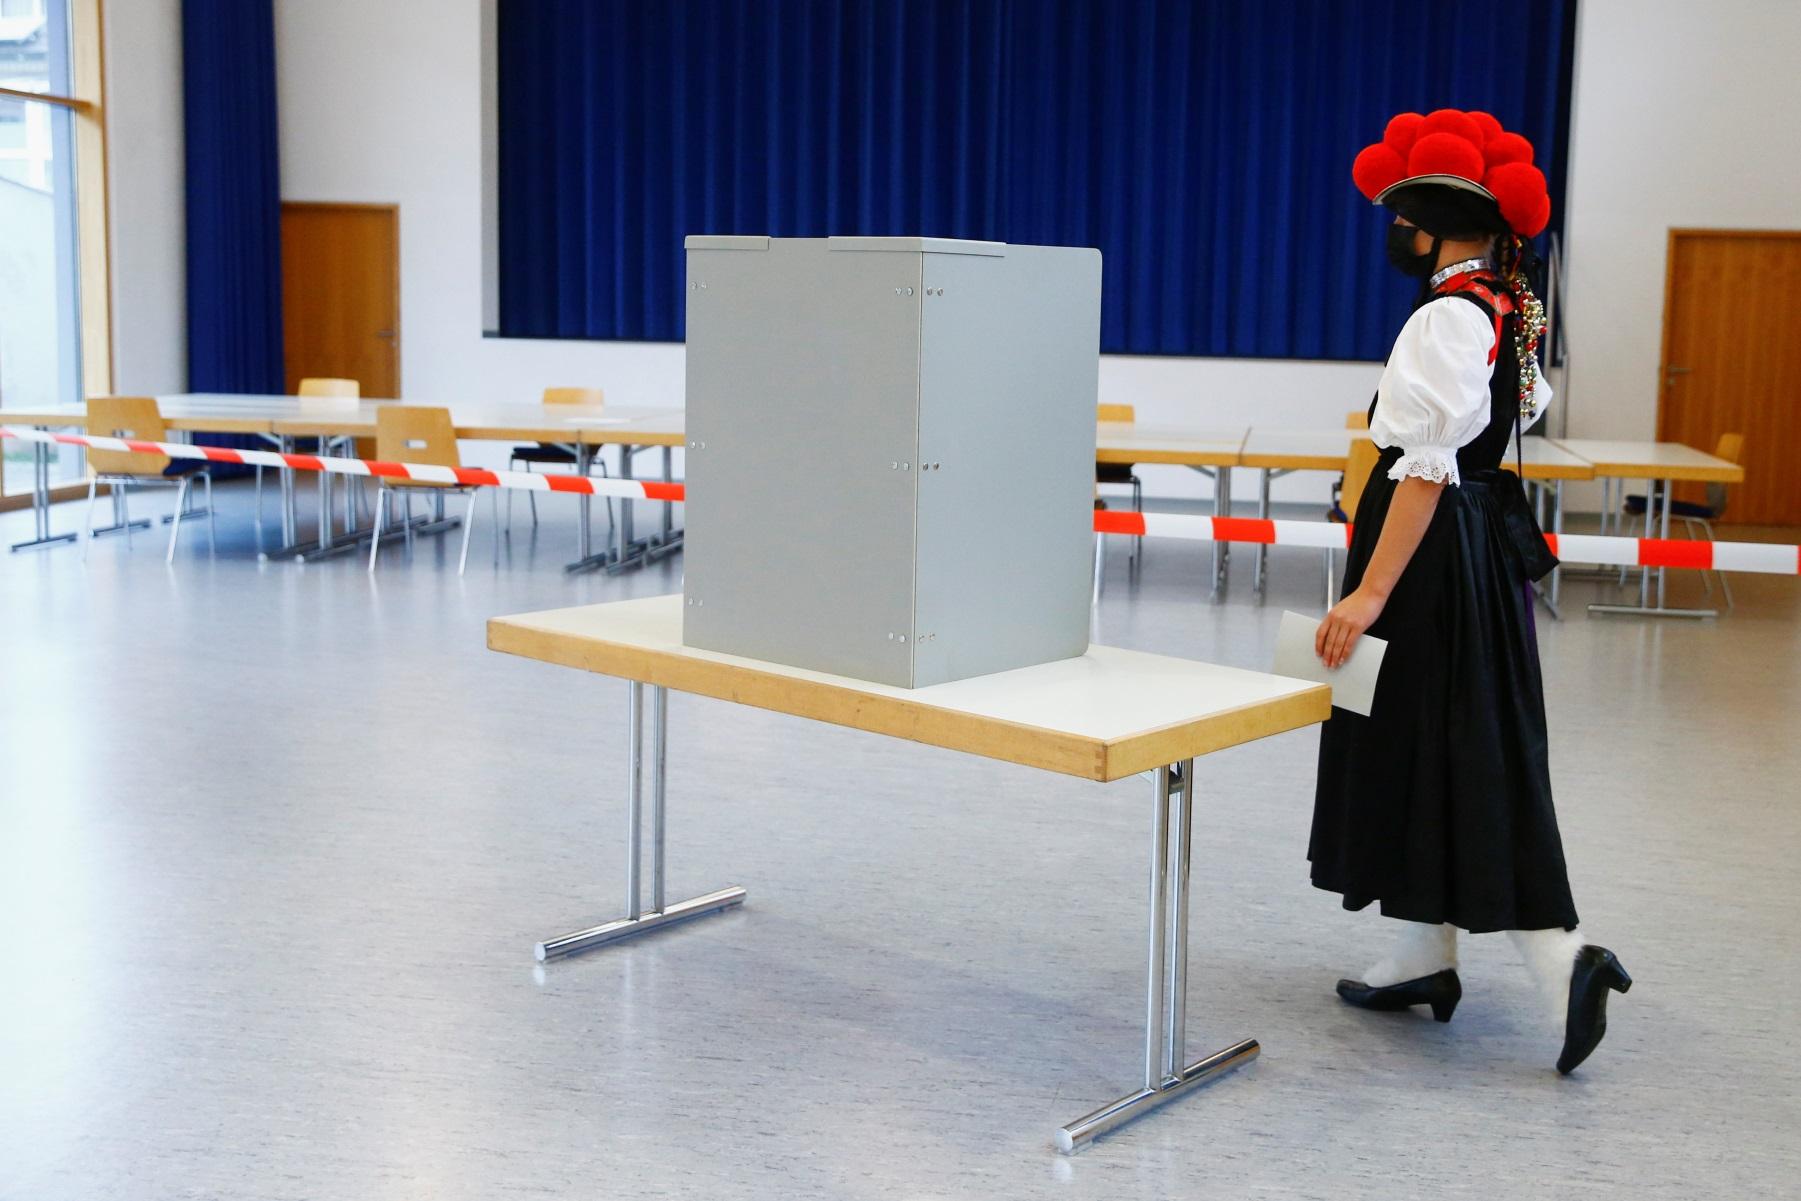 Γερμανία – εκλογές: Βόμβα του Β' Παγκοσμίου Πολέμου διέκοψε την ψηφοφορία